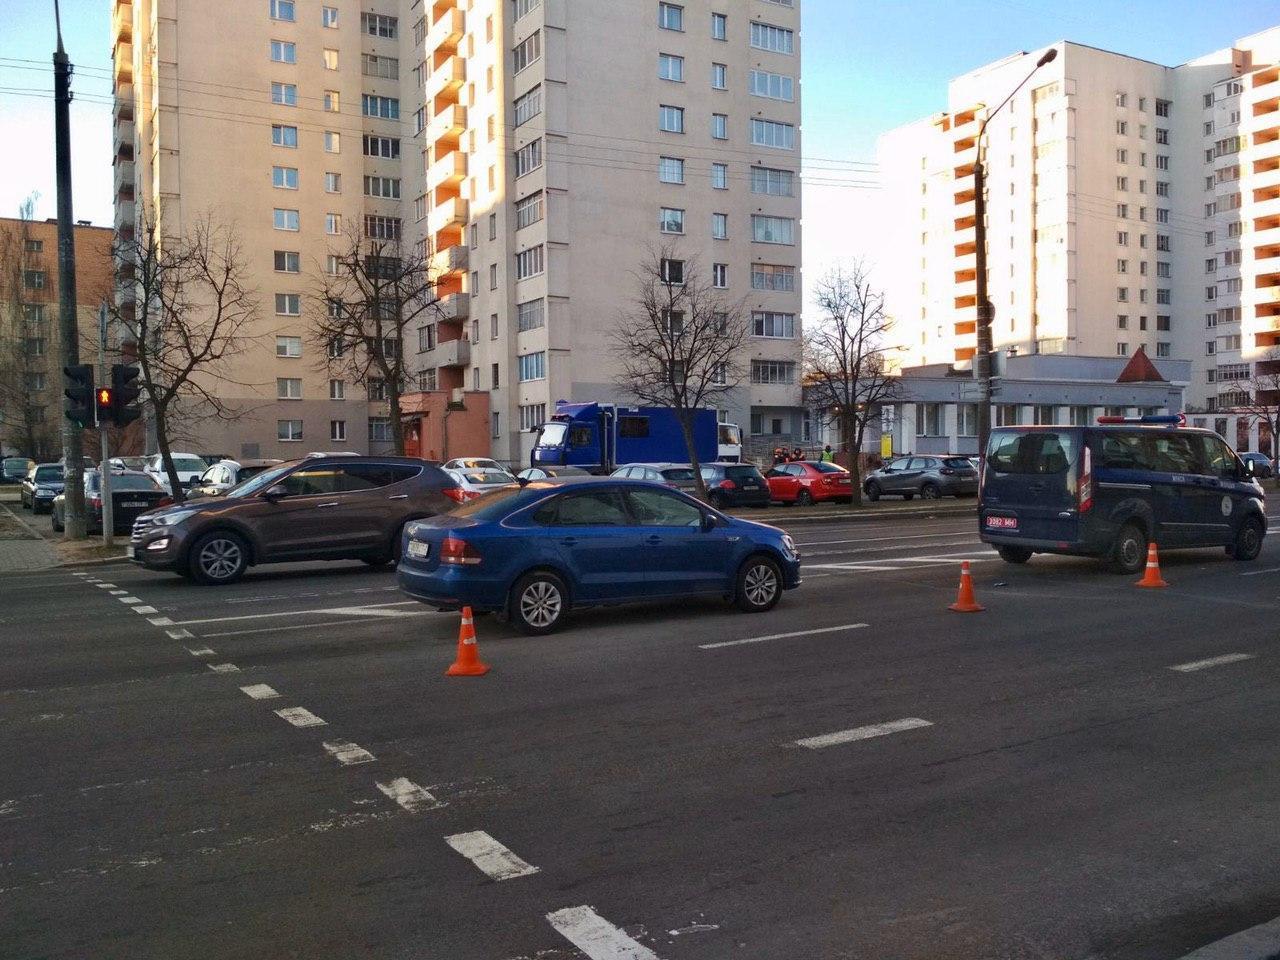 Вот так дети попадают под машину: в ГАИ показали видео аварии в Минске